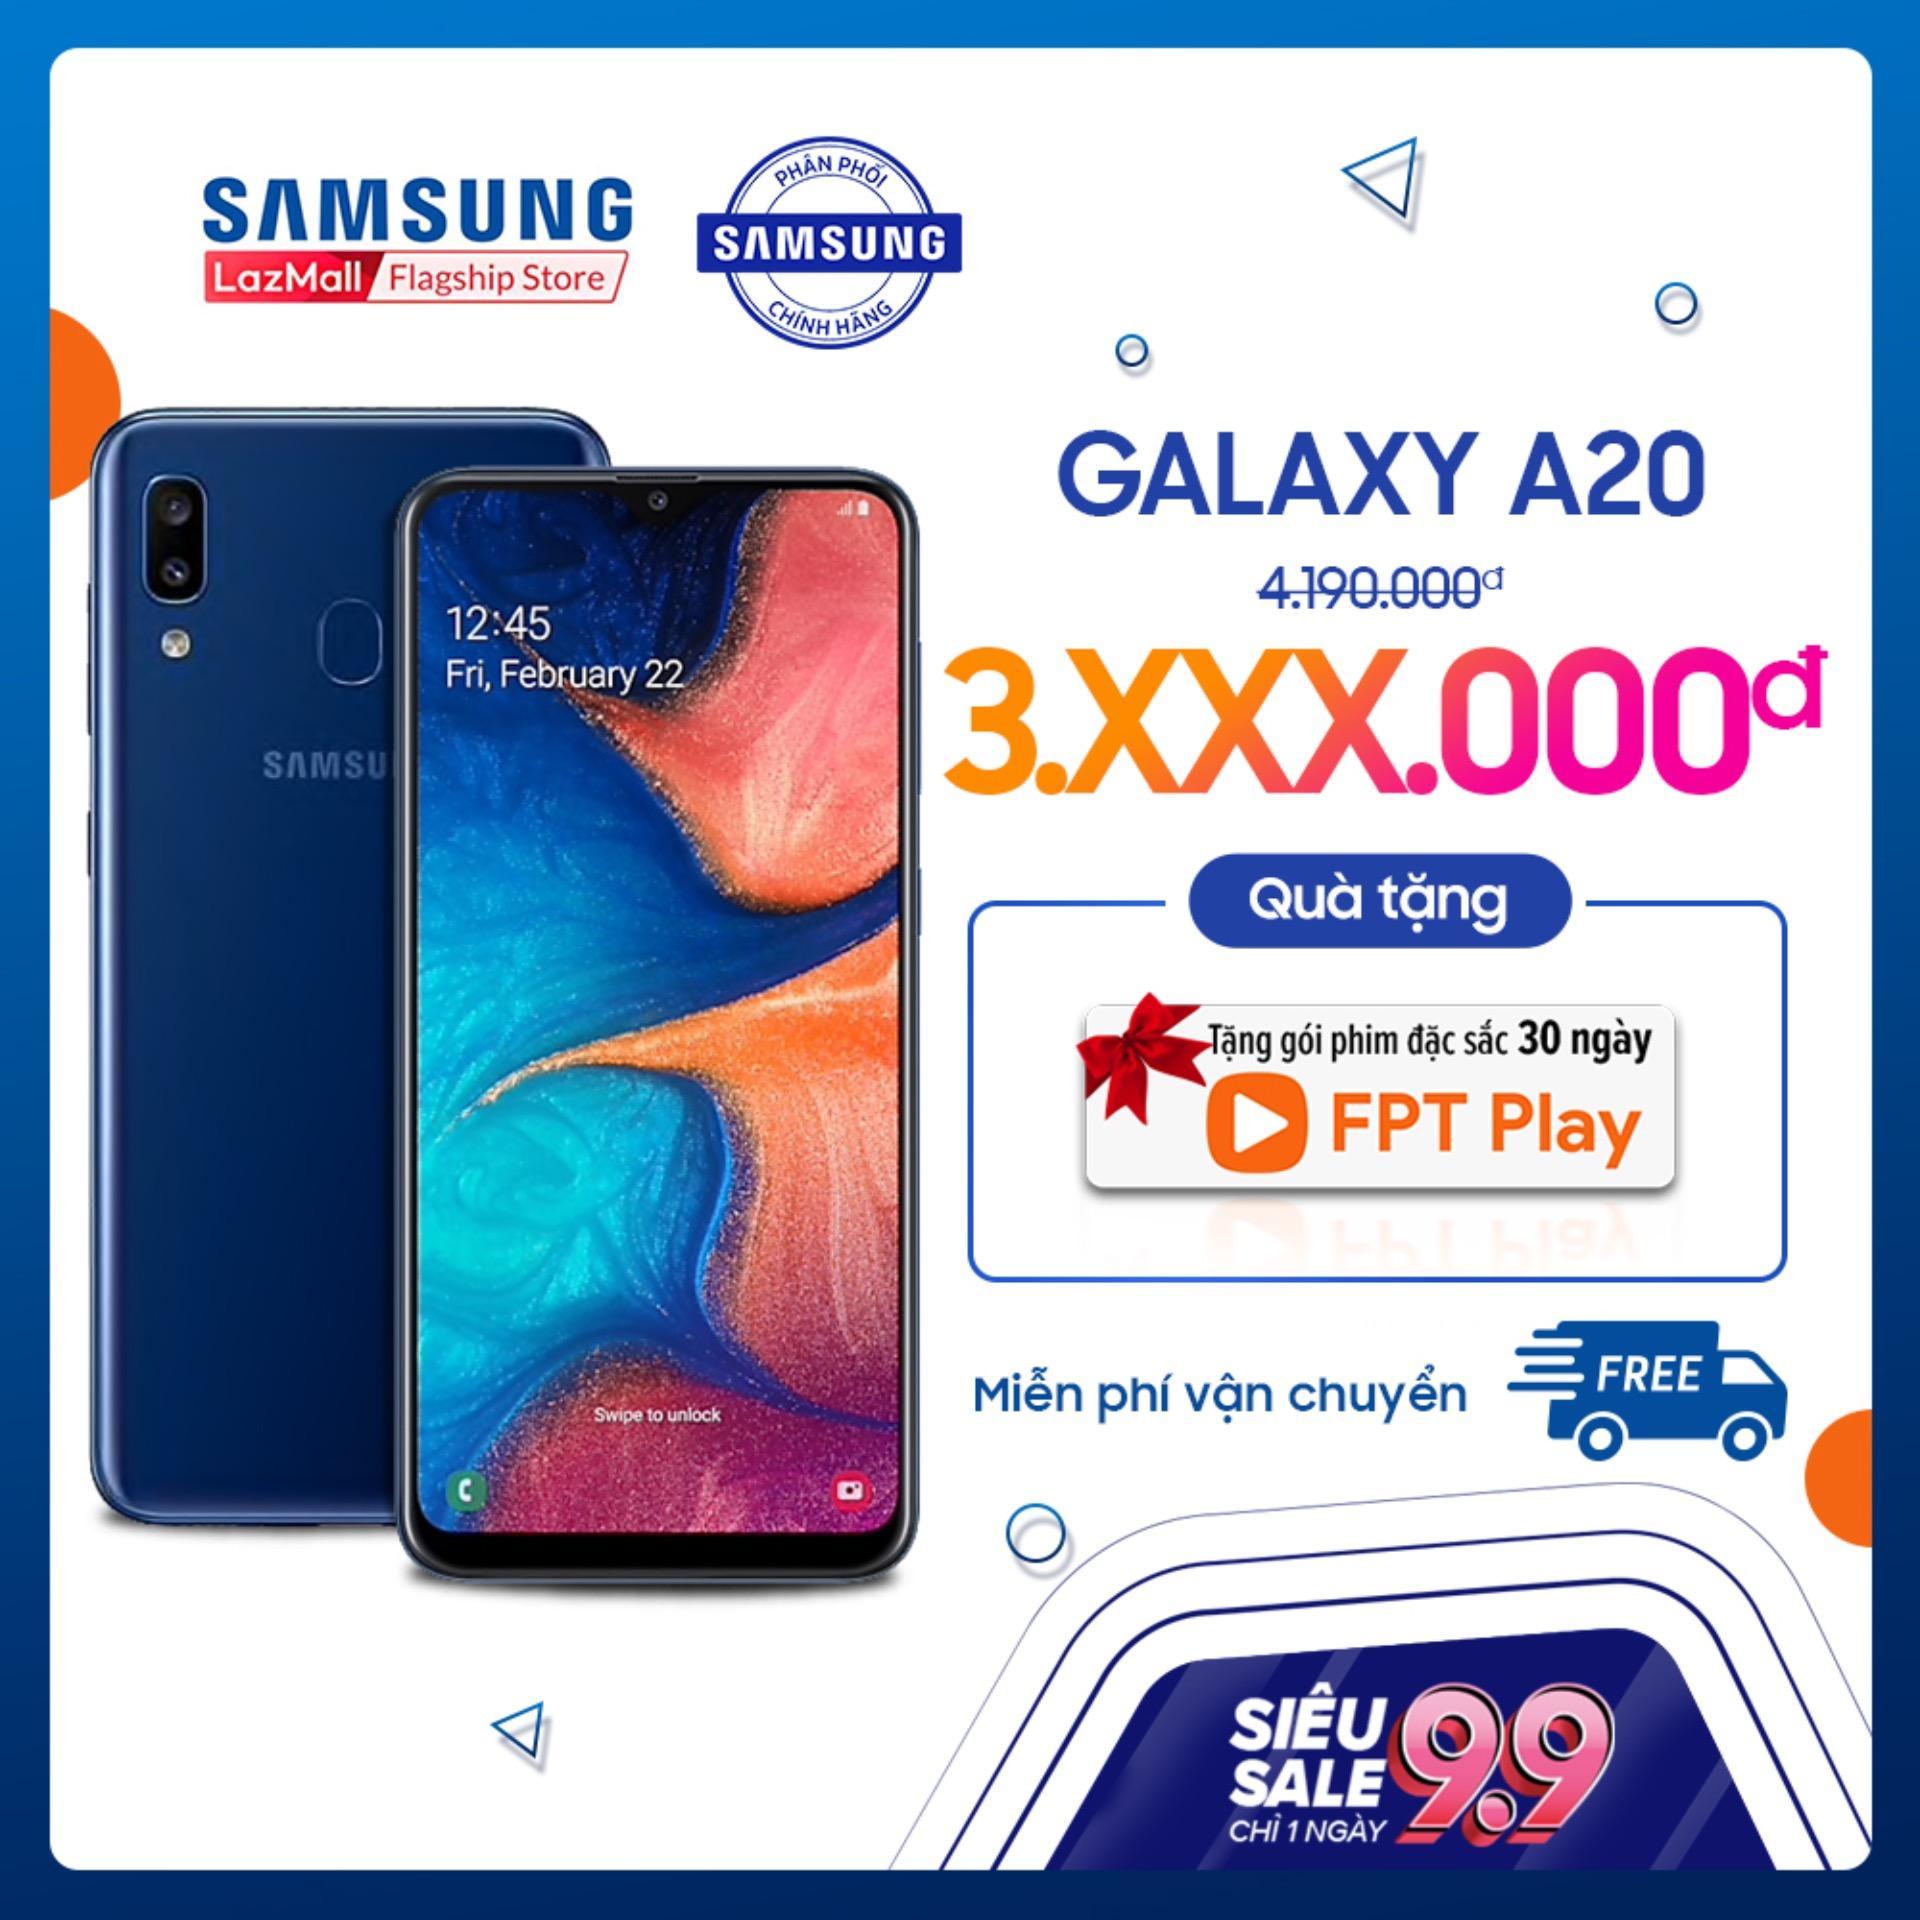 Samsung Galaxy A20 - Điện Thoại Chính Hãng